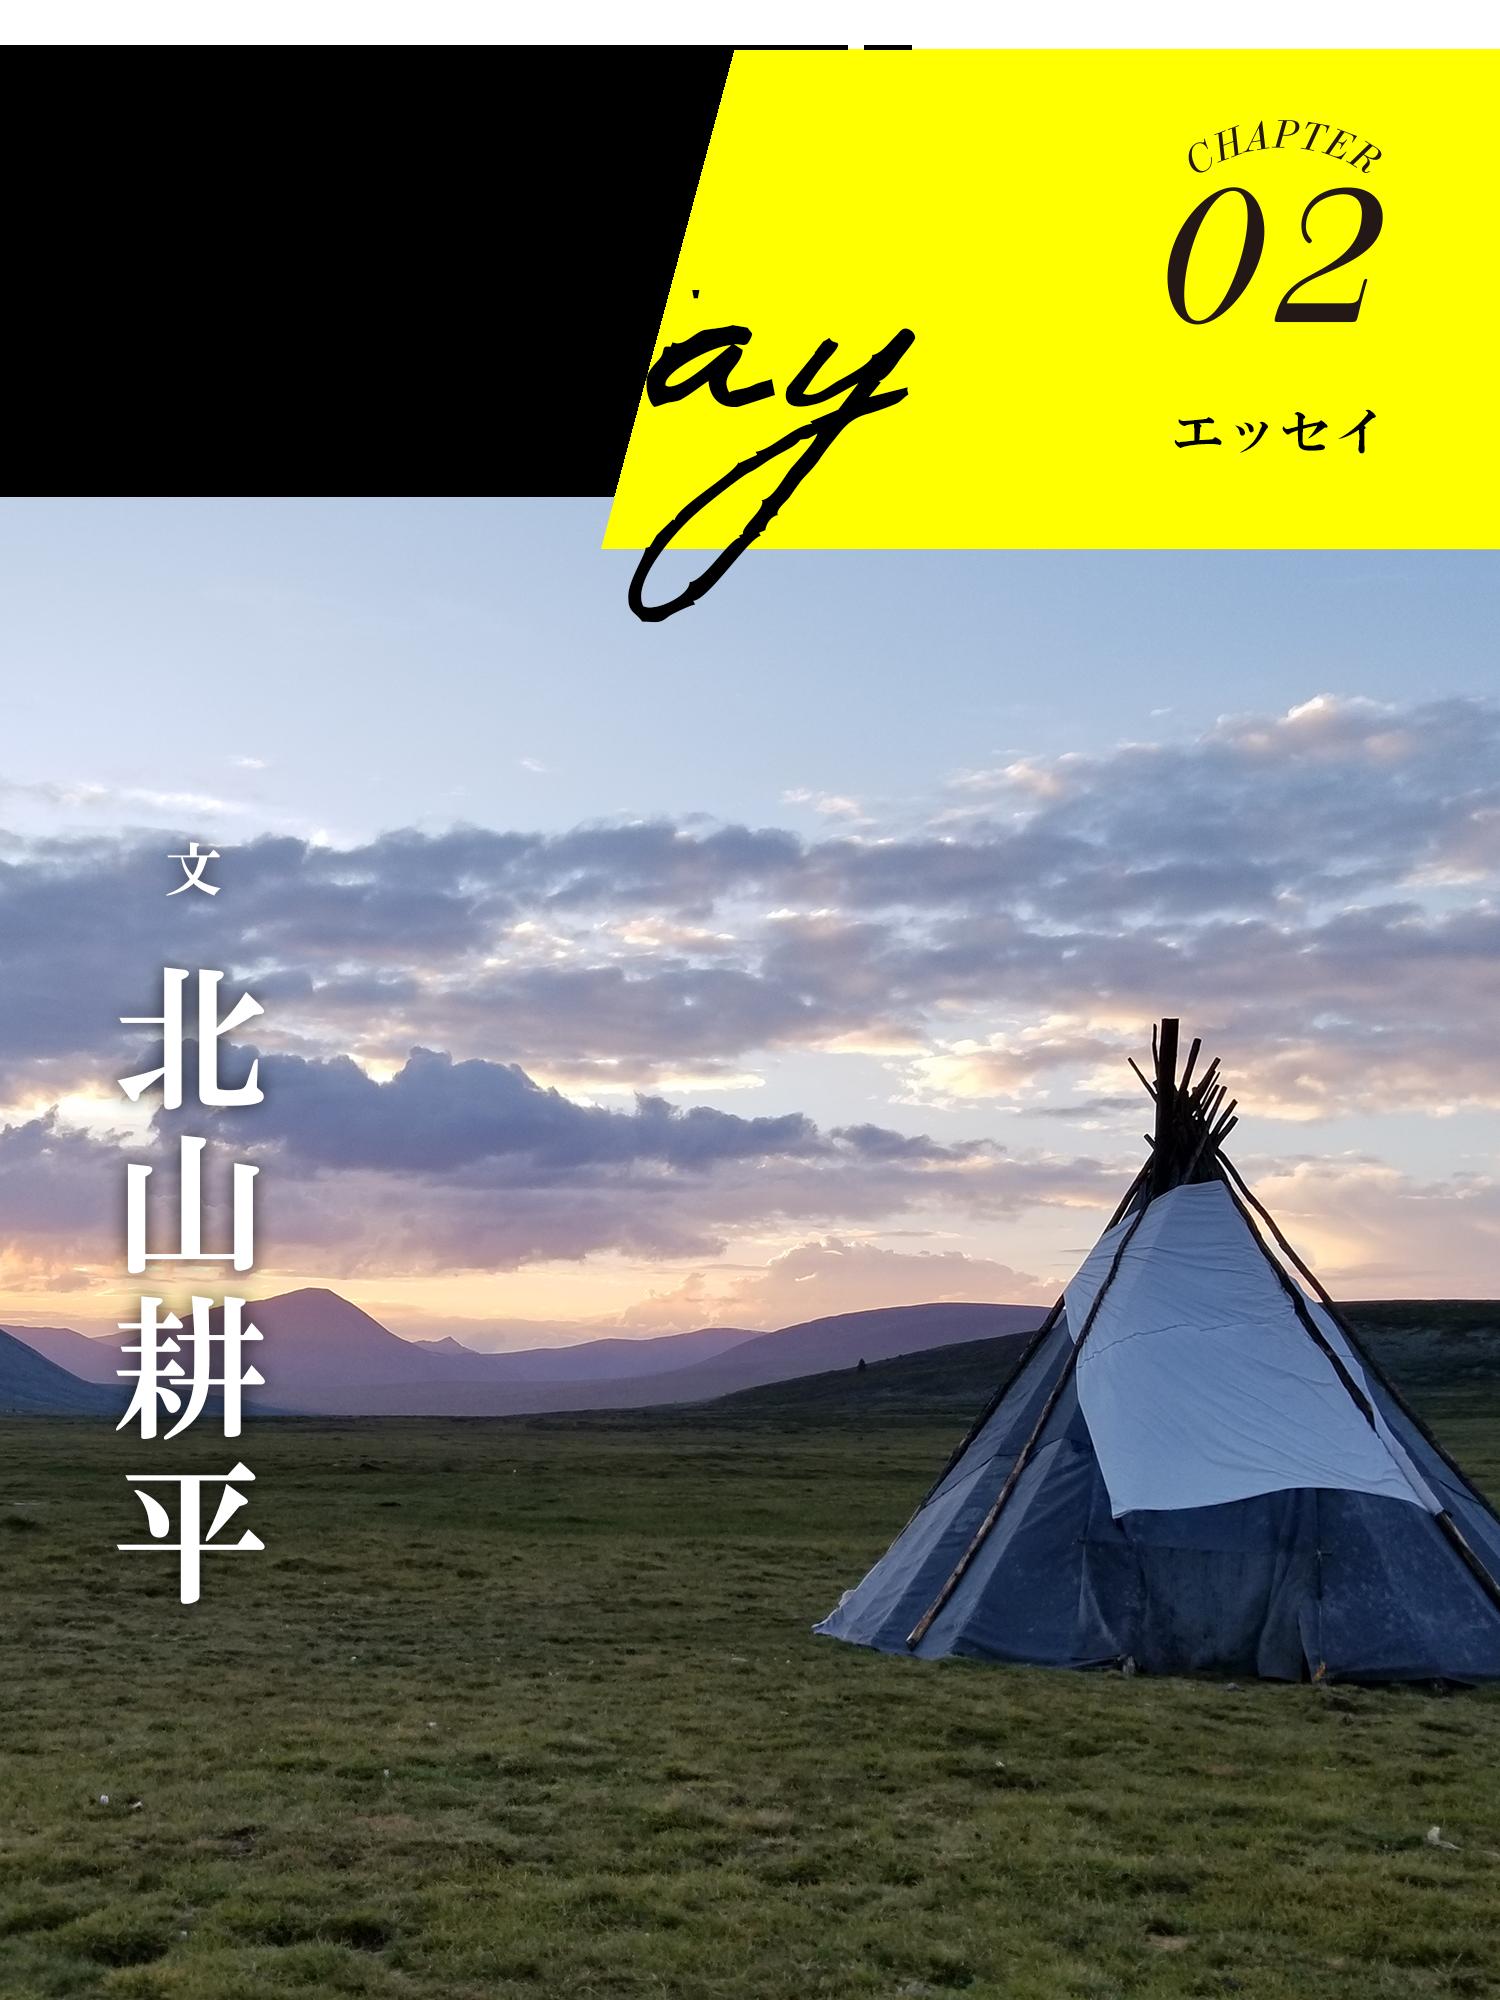 エッセイ 第2回 ティピの教え 文/北山耕平